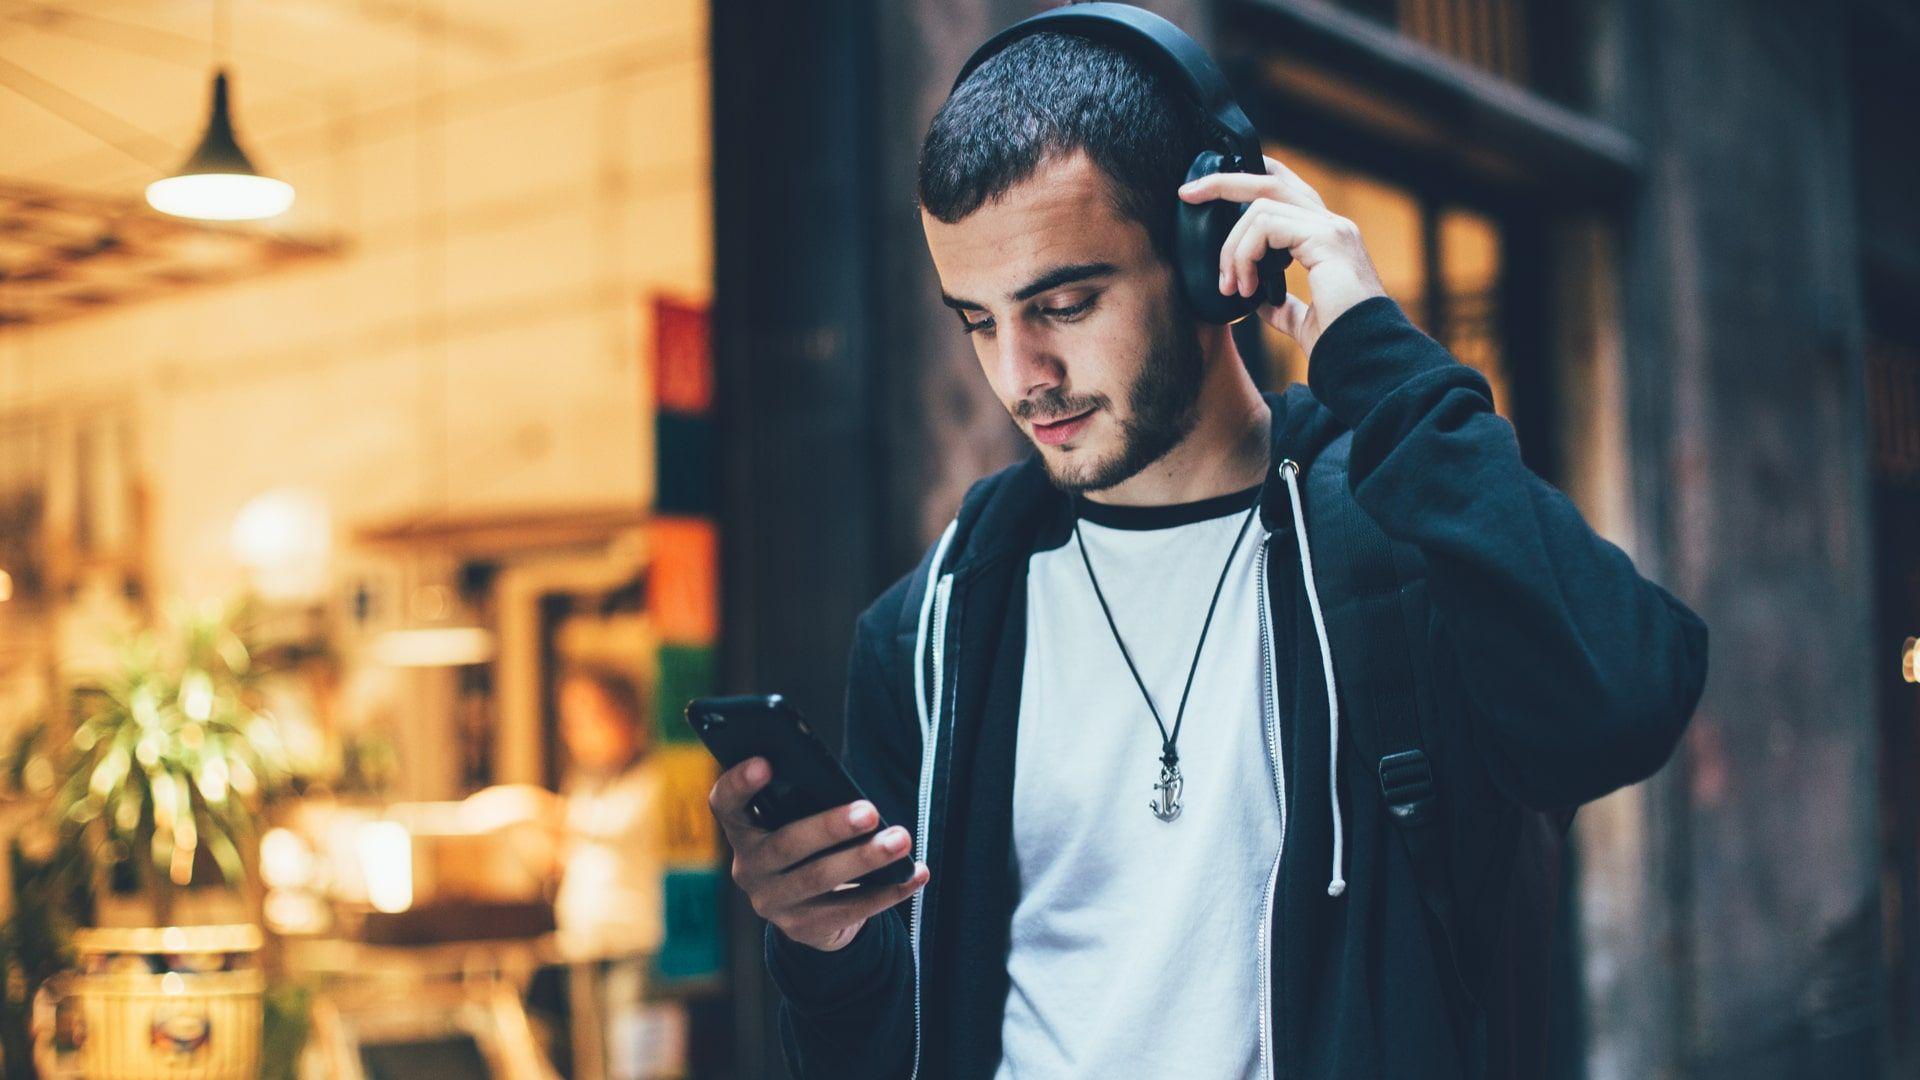 Para escolher seu headphone Bluetooth, é importante ficar atento ao design e qualidade de som (Foto: Shutterstock)